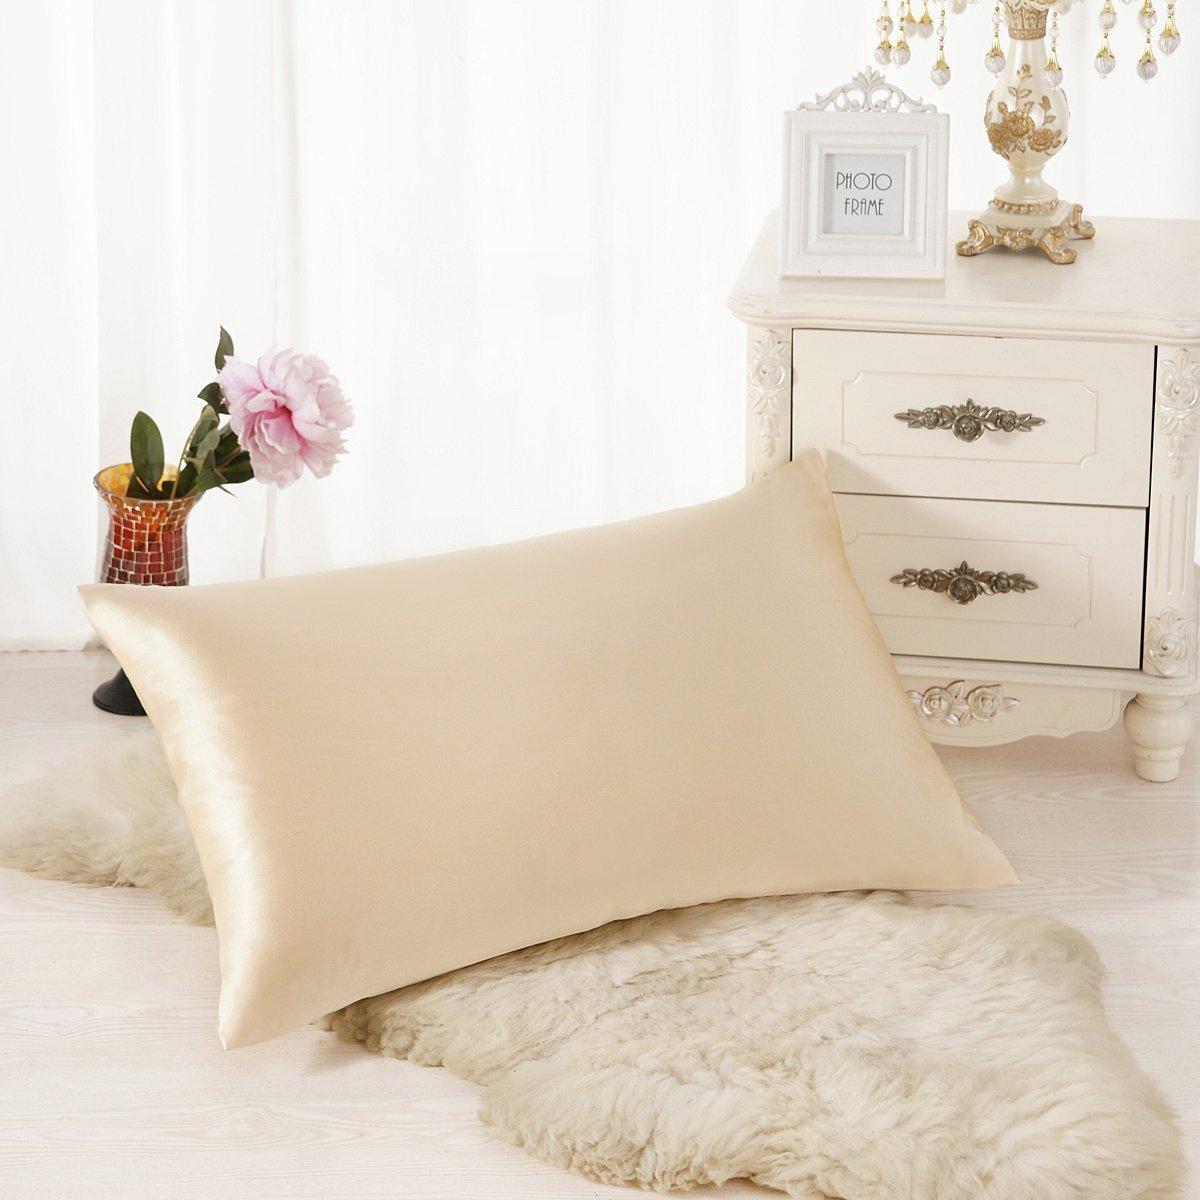 [アラスカベア]ALASKA BEAR Natural Silk Pillowcase, Hypoallergenic, 19 momme, 600 thread count 100 percent Mulberry [並行輸入品] B01LX8JU6Z Standard,Starry Night